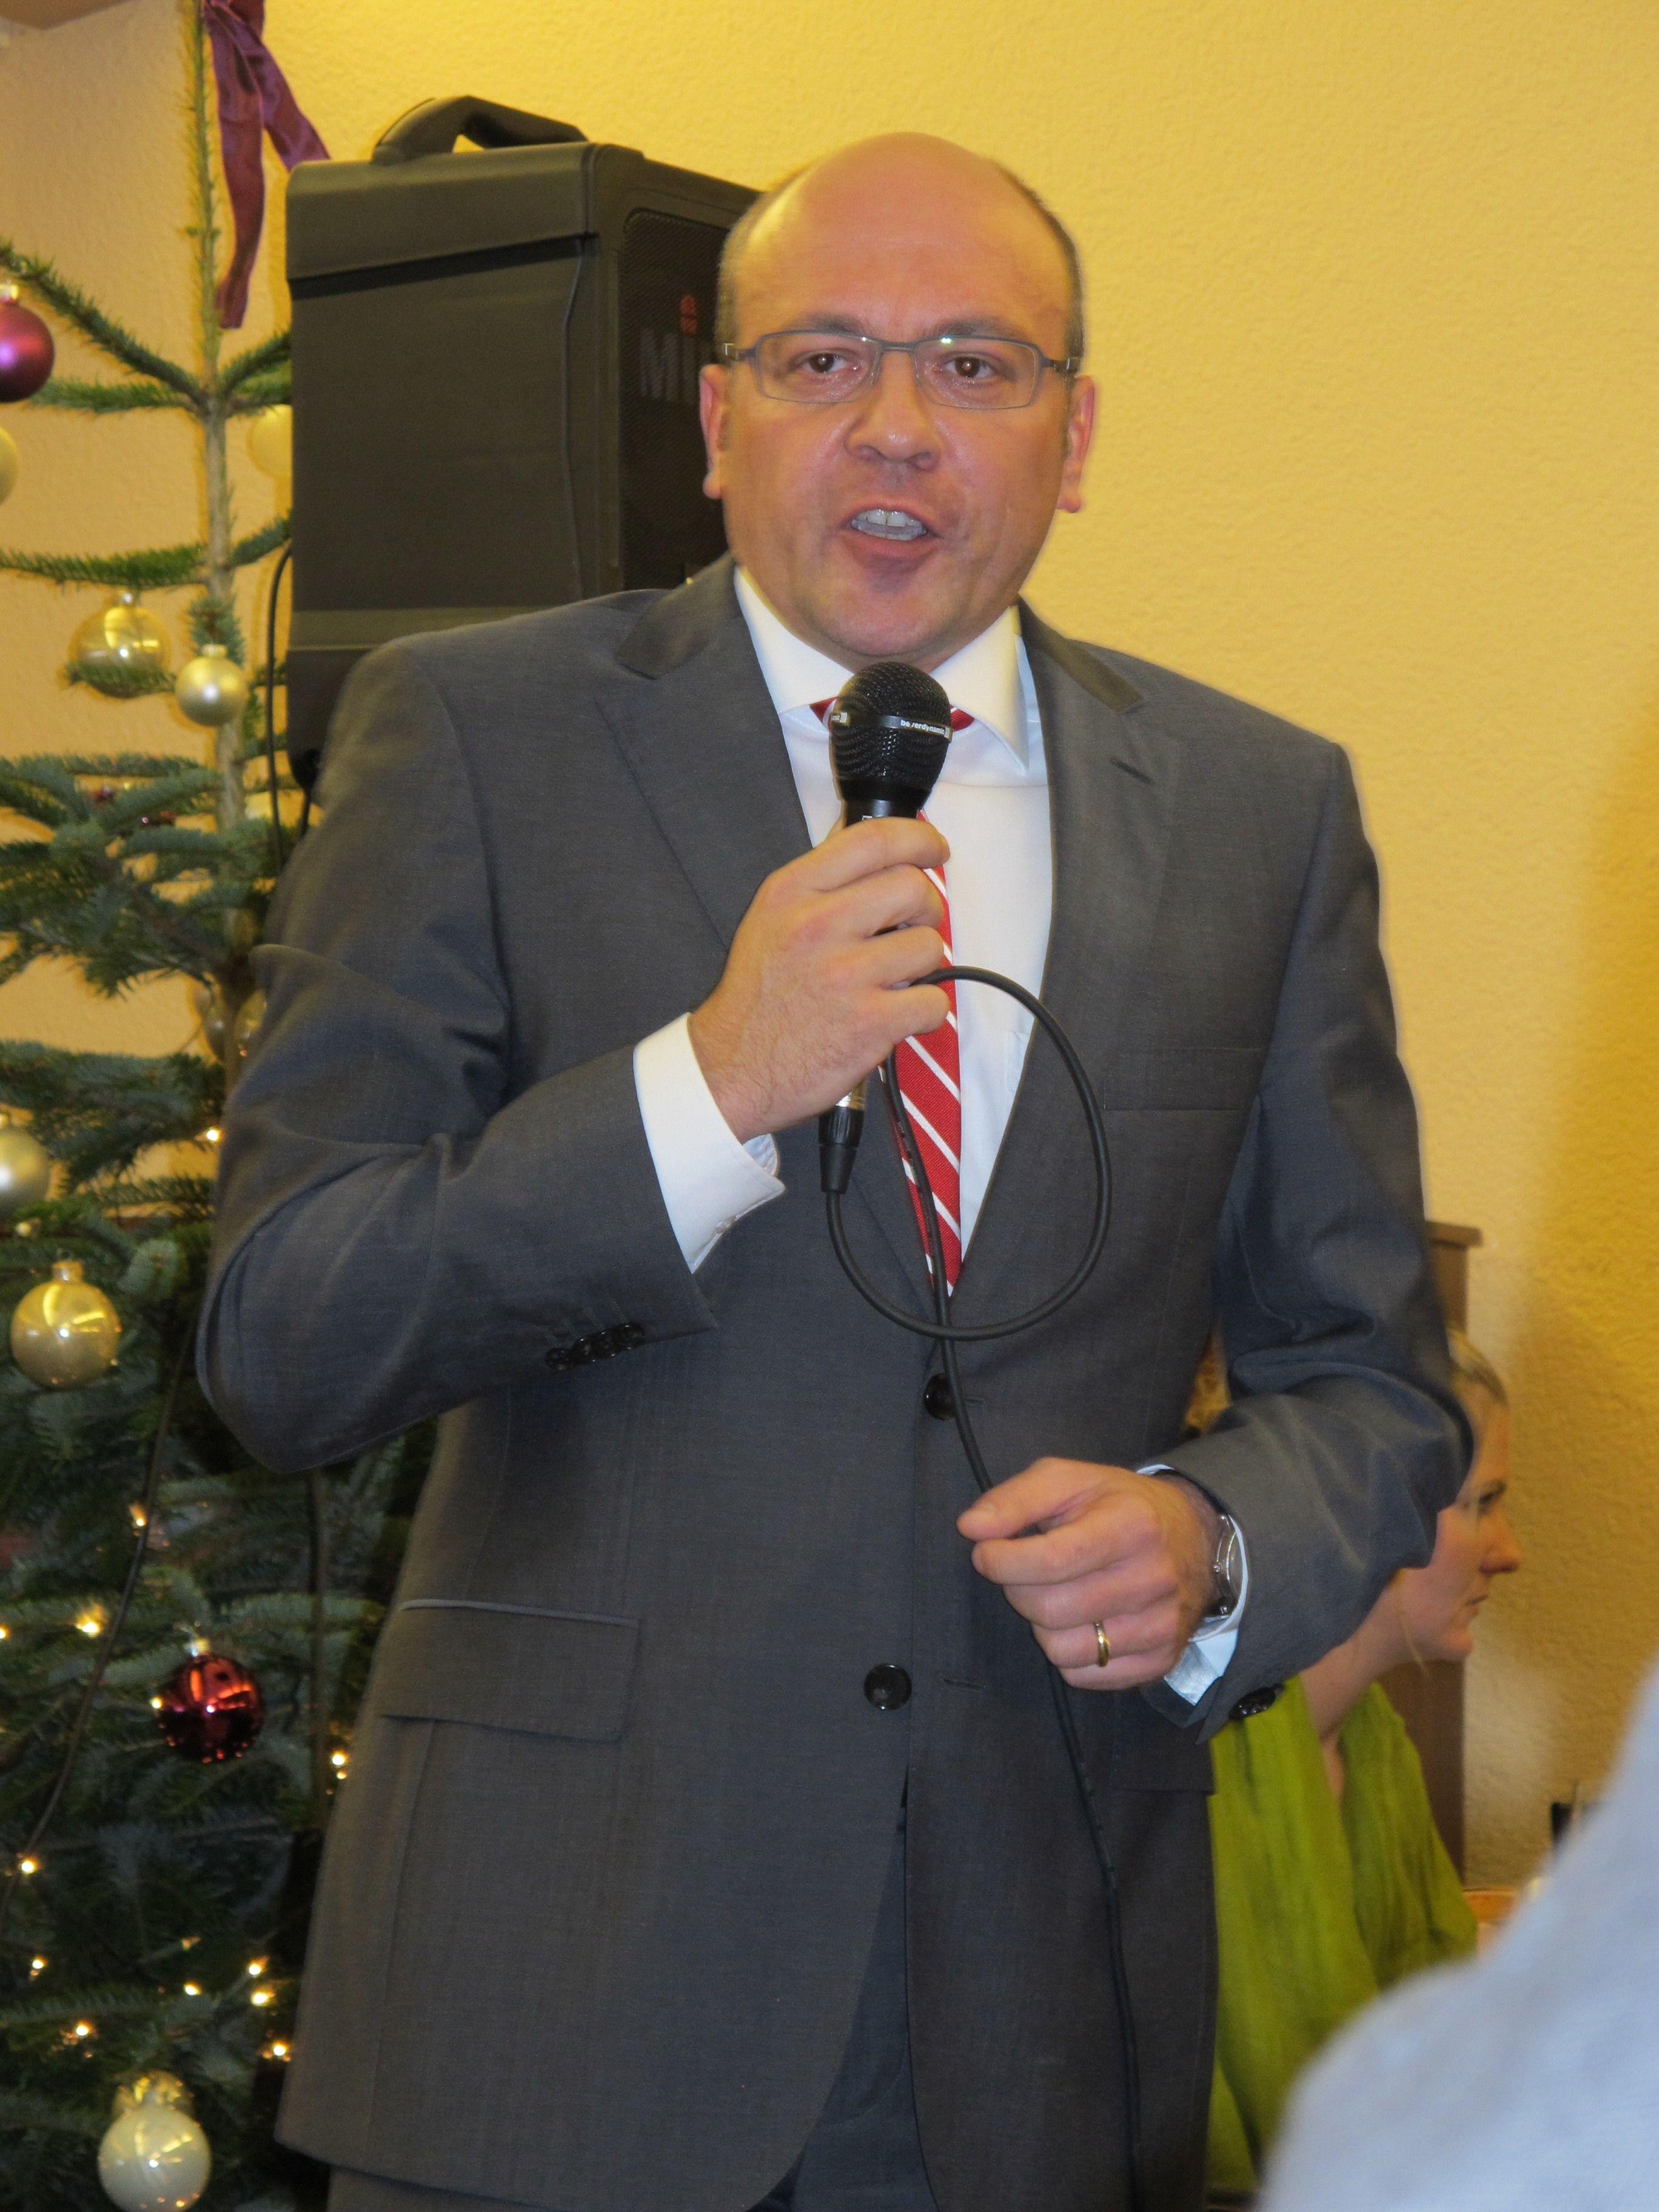 Weihnachtsfeier Heilbronn.Cdu Stadtverband Heilbronn Alle Bilder Alle Bilderkategorien Auf